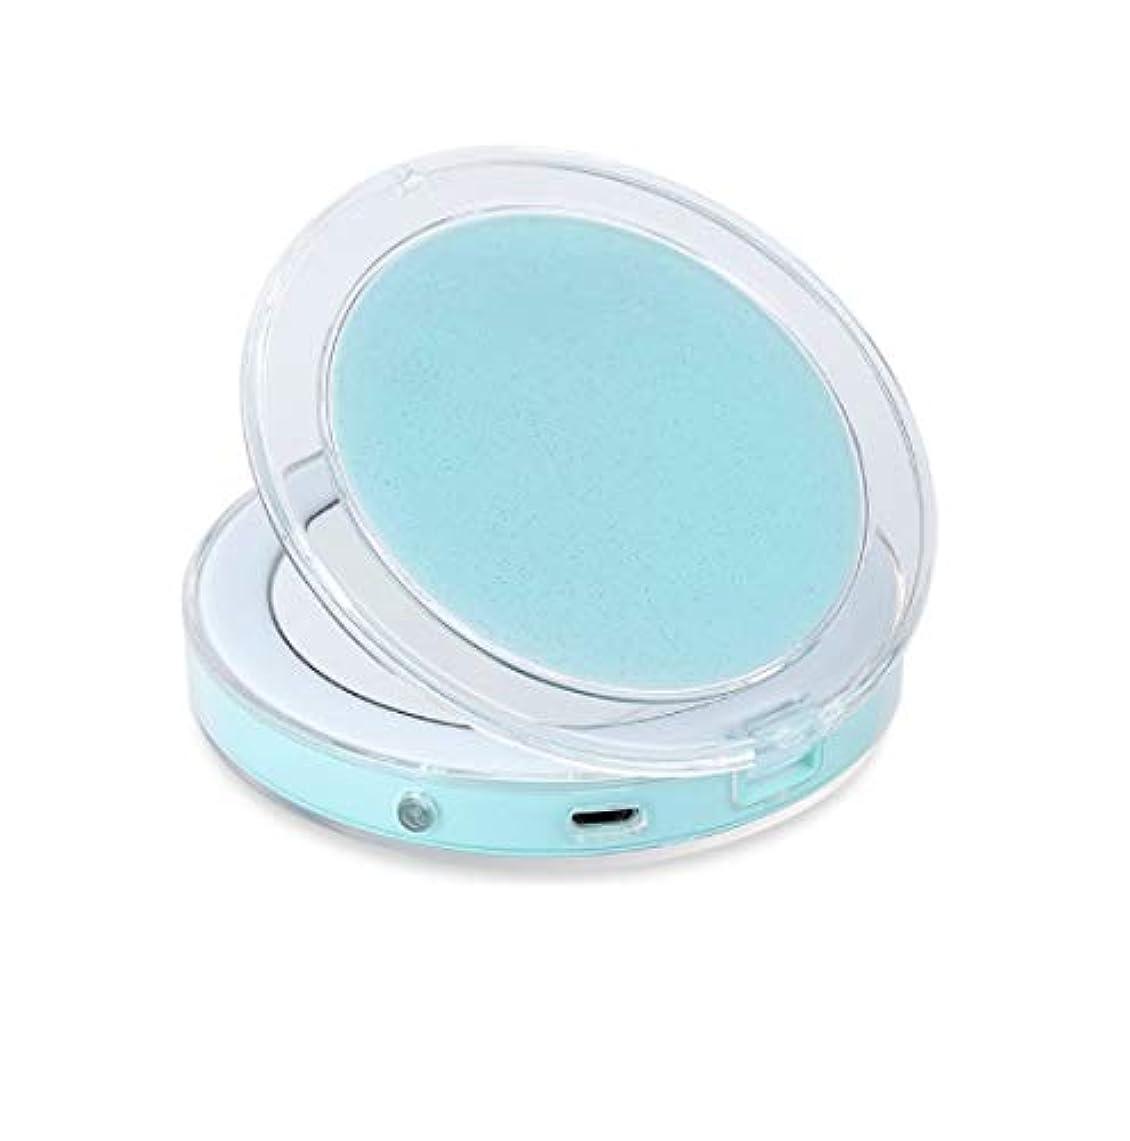 ぜいたく一族元気なミニポータブルled化粧鏡折りたたみ光化粧鏡3回小さな夜の光ミラー (Color : グリーン)